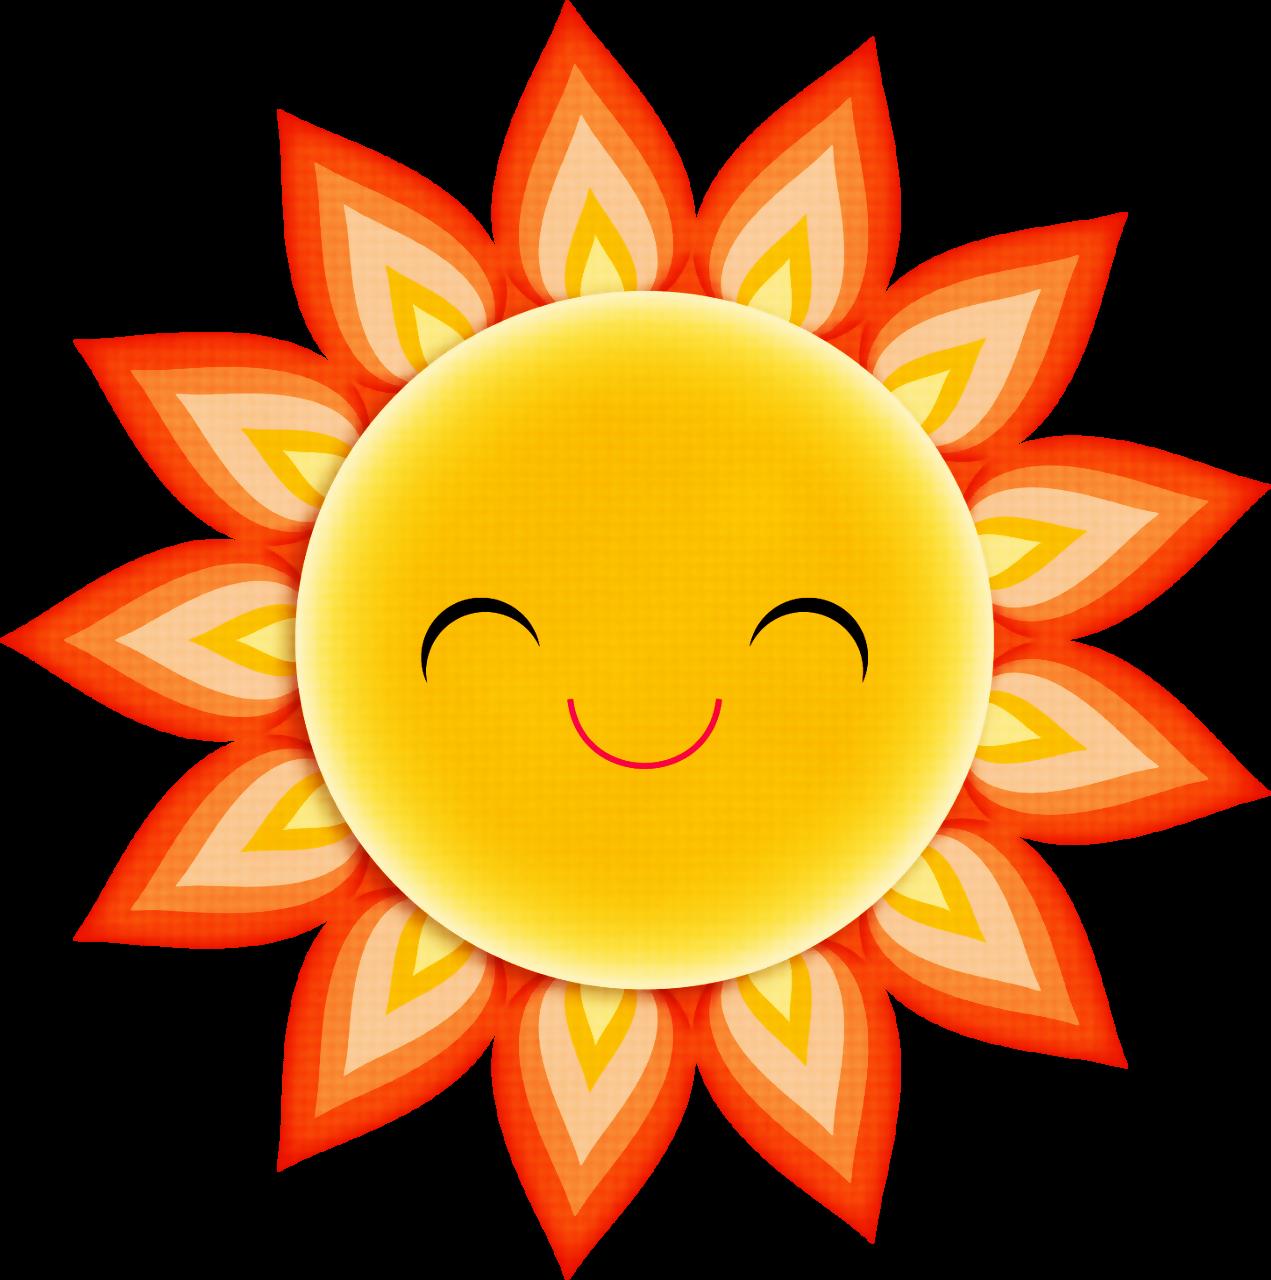 Sun Clip Art: Sun PNG Transparent